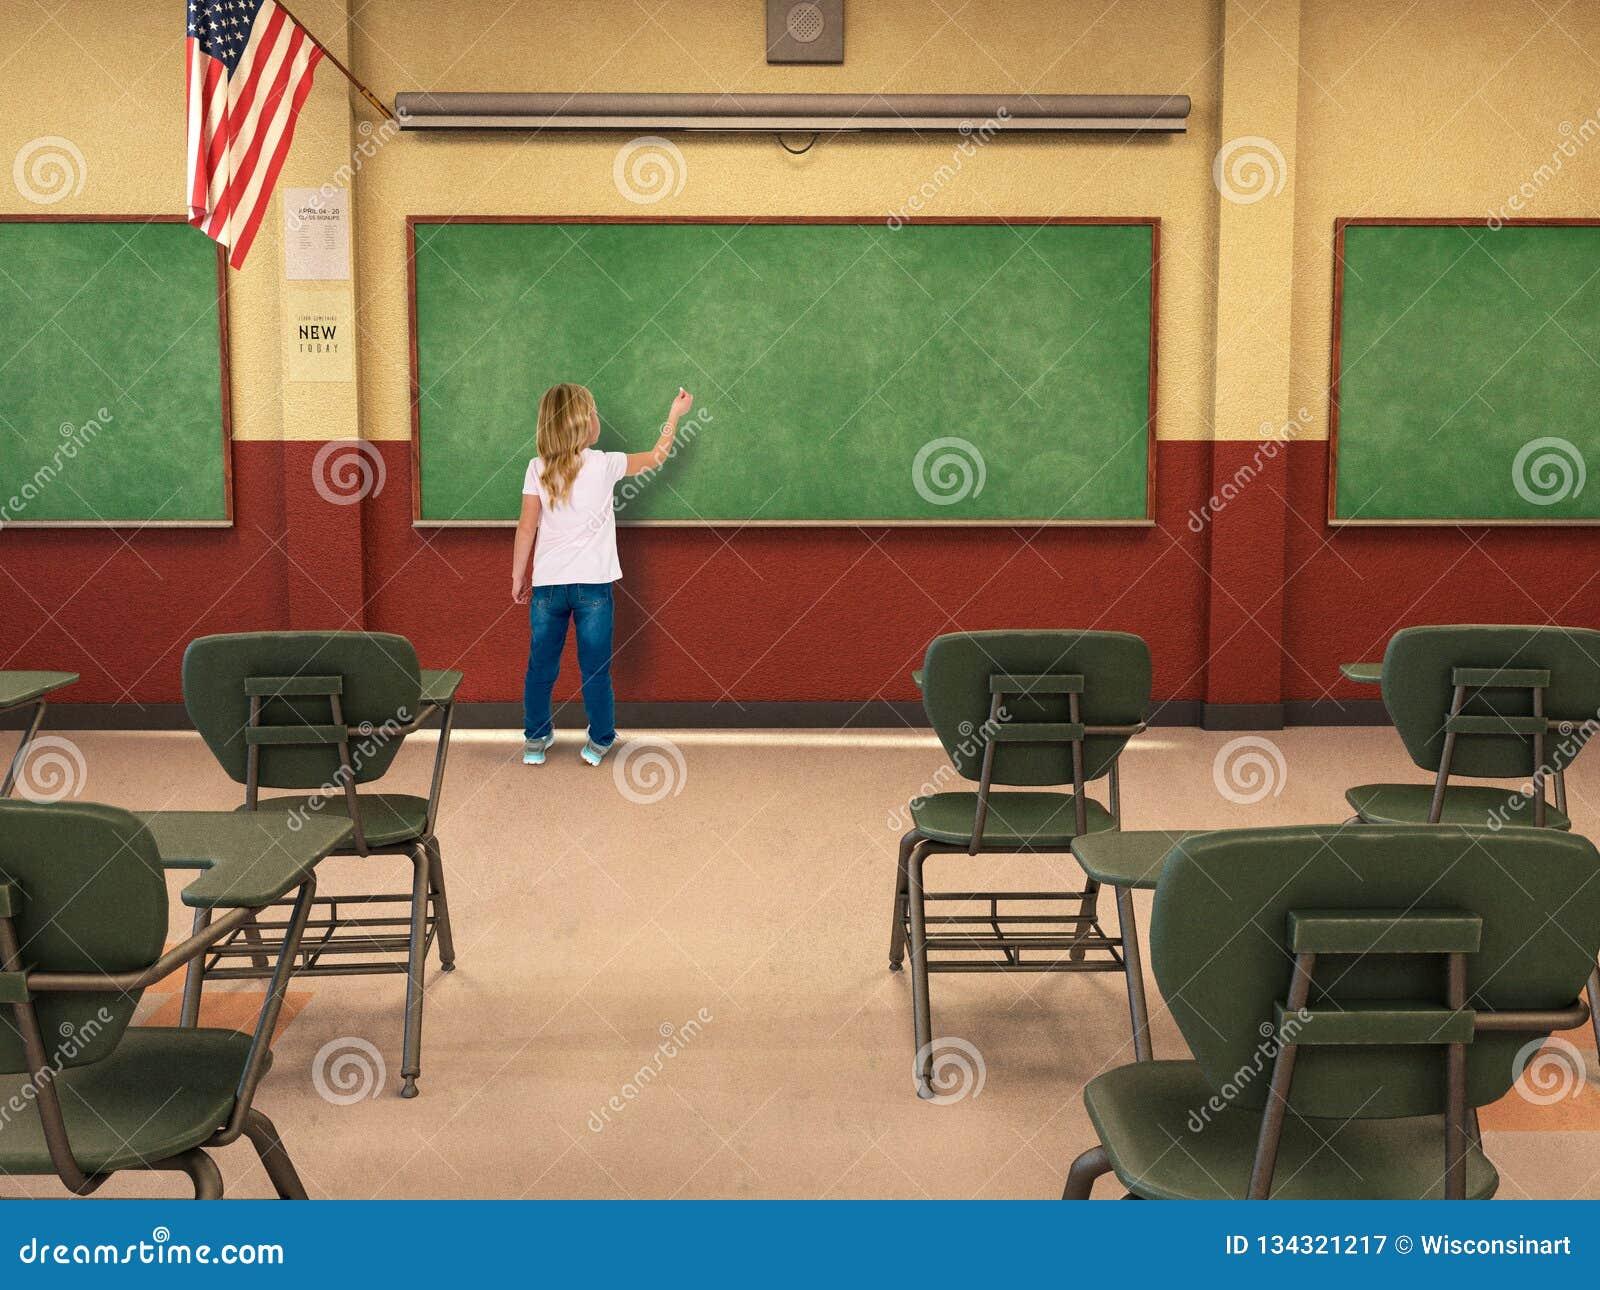 Estudante, educação, escola, sala de aula, aprendendo, quadro, crianças